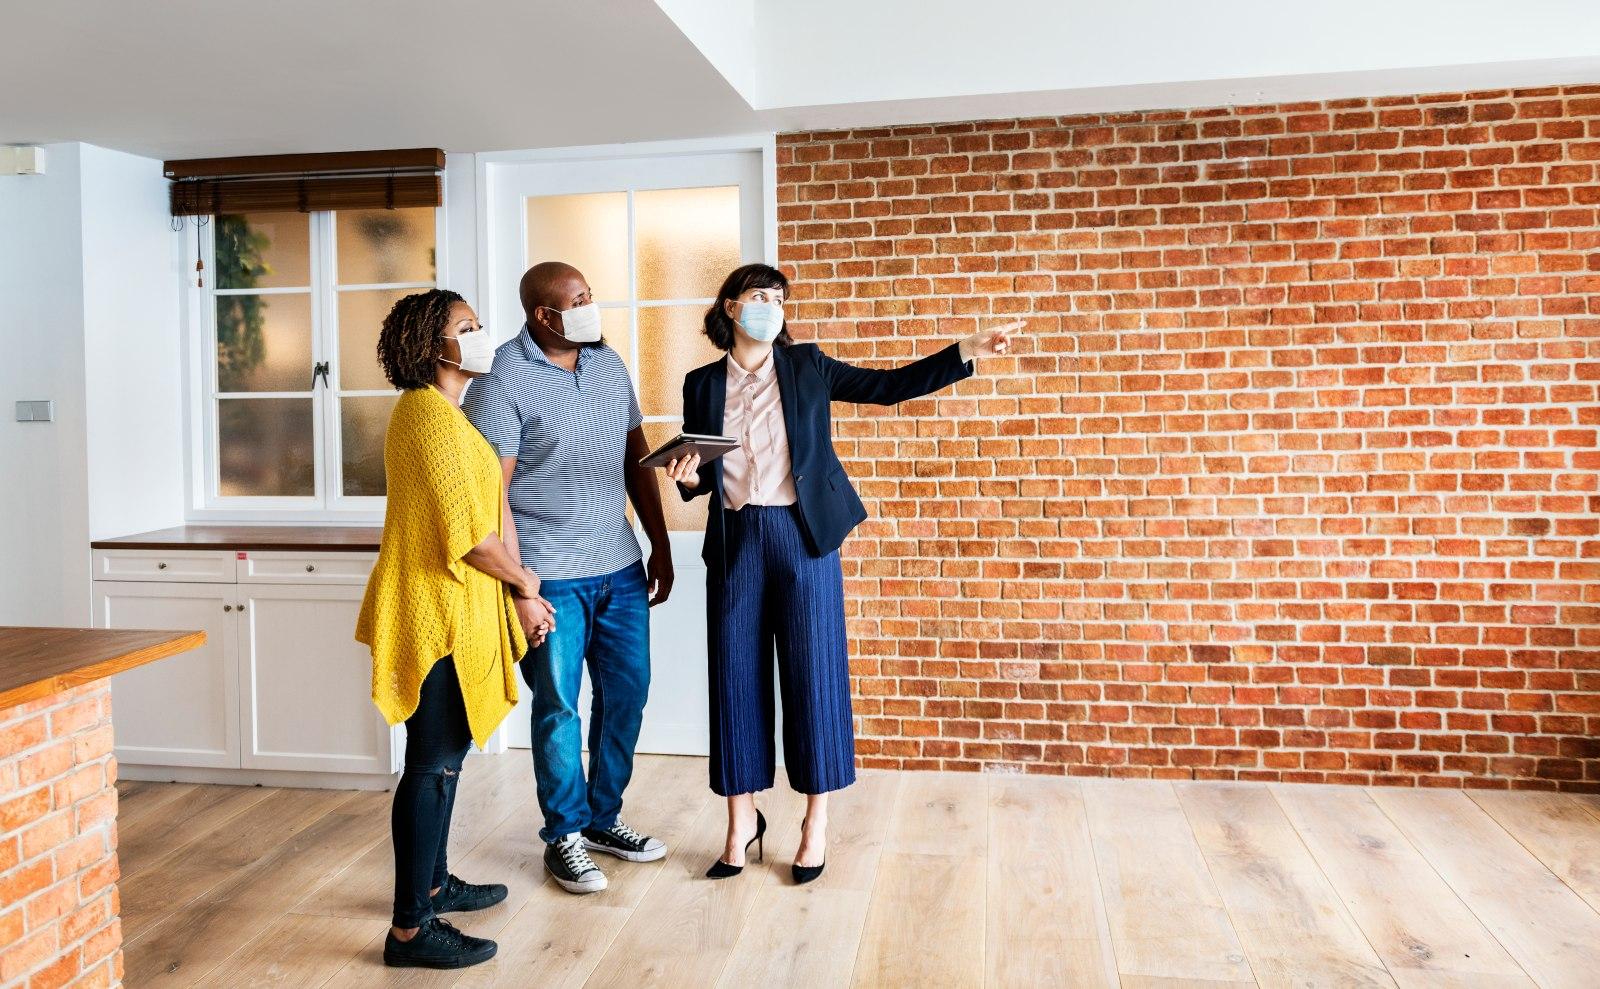 Medidas de seguridad en edificios: involucra a la comunidad